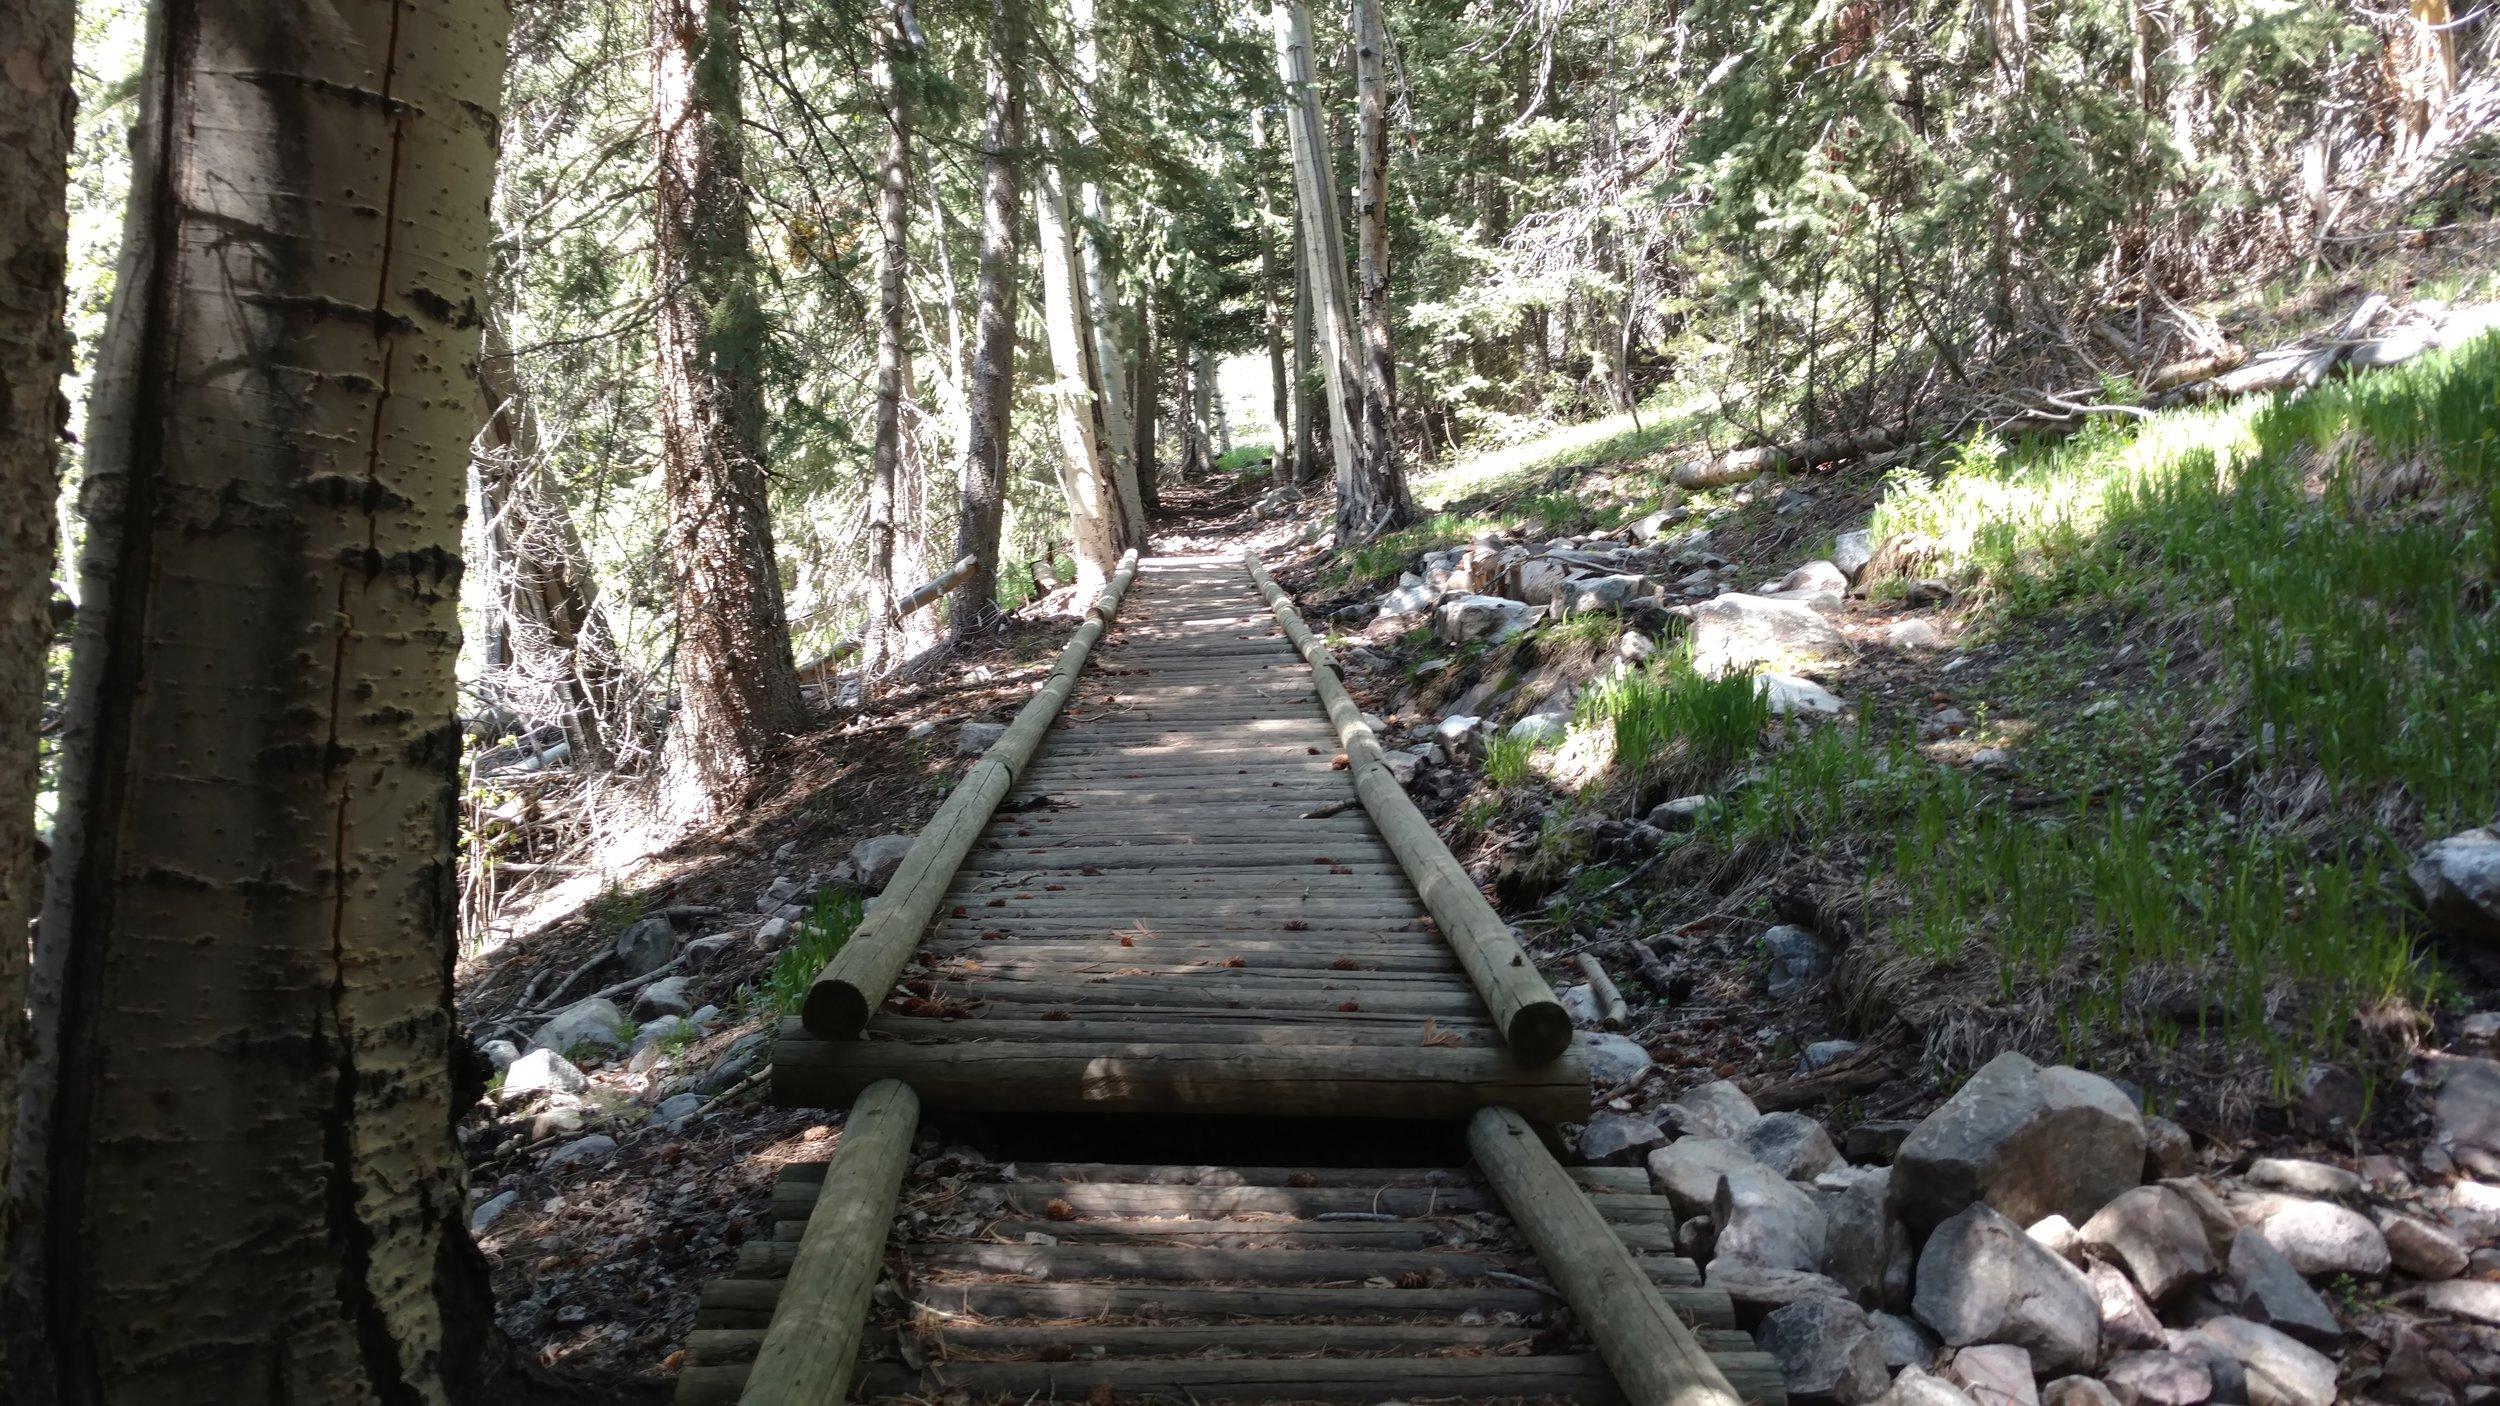 Wooden Walkway in wet area